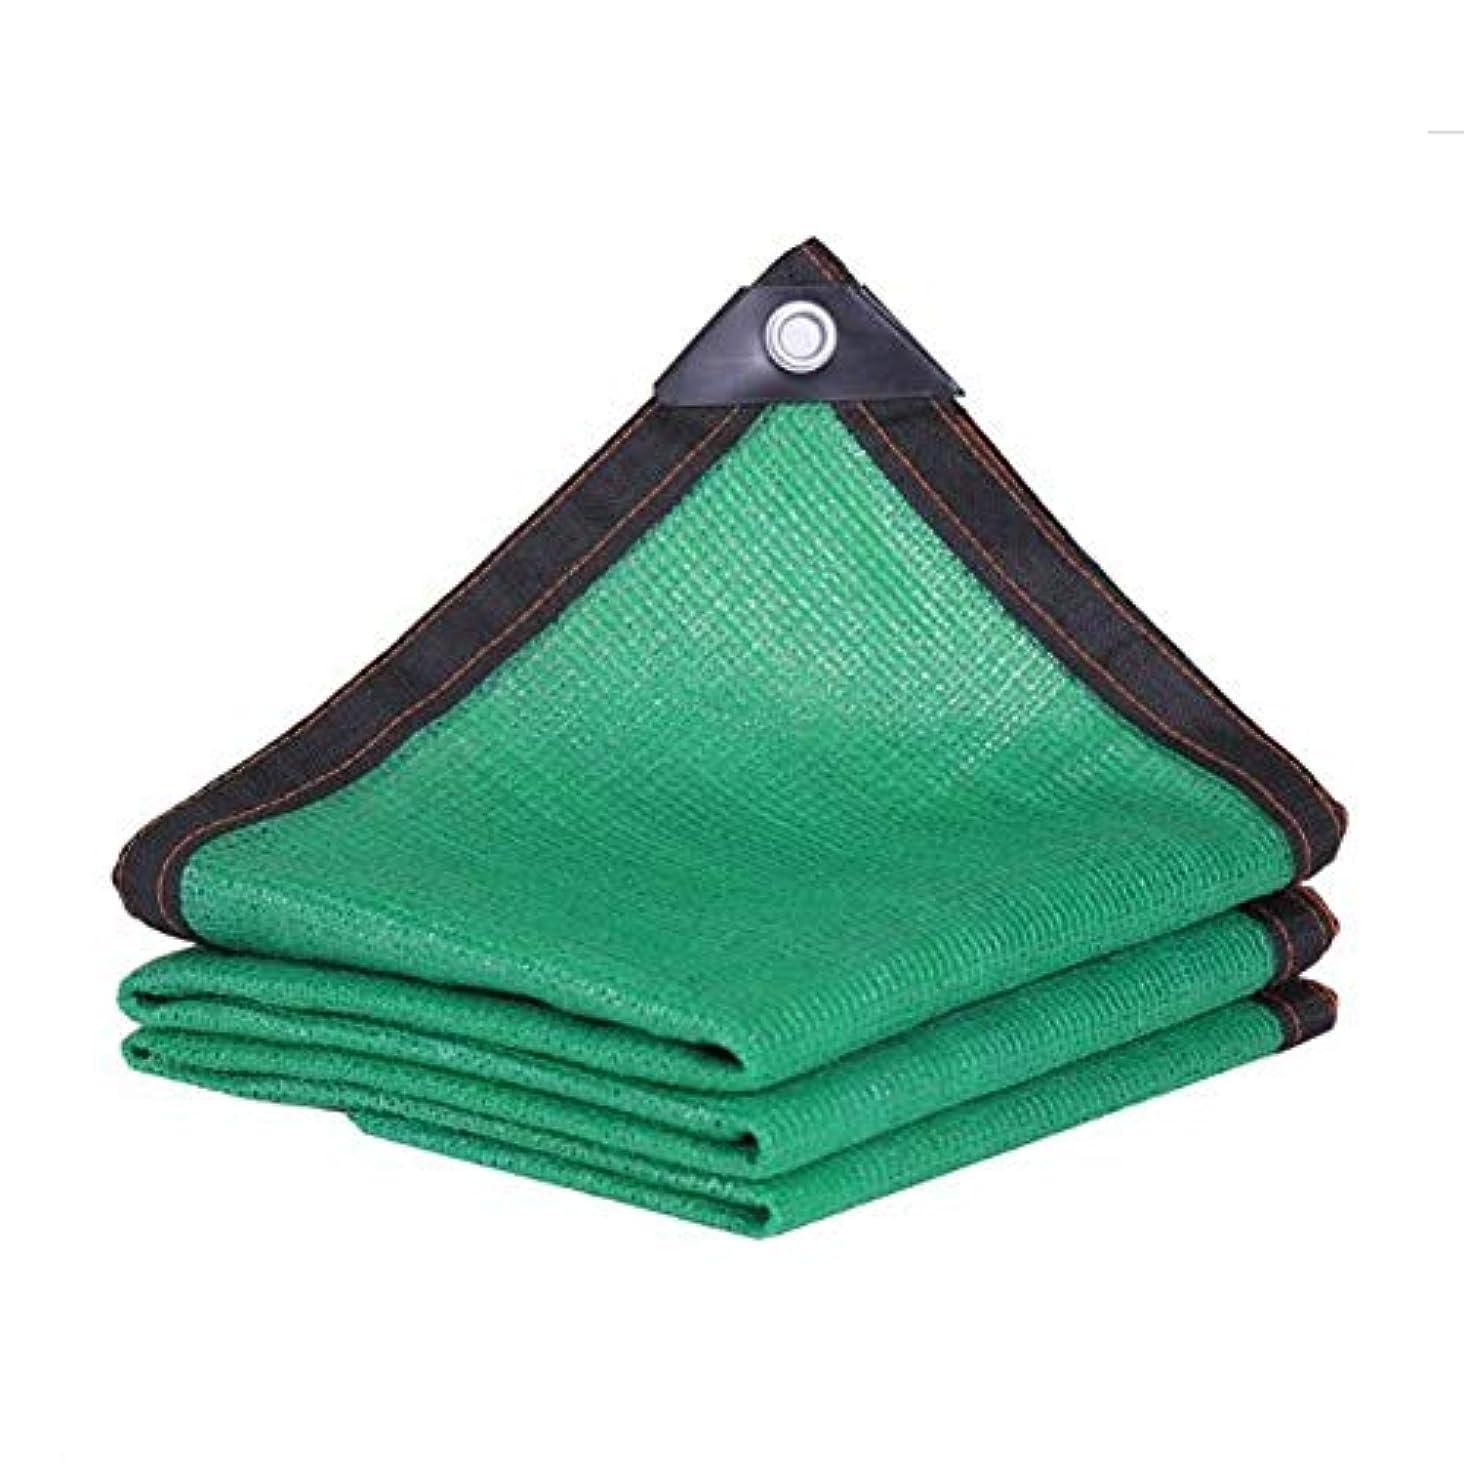 お手伝いさん抵抗力があるハッピーDALL ターポリン 日焼け止め布 シェーディング率90% シェードセイル アウトドア 日焼け止め 植物カバー 耐紫外線ネット (Color : Green, Size : 5×6m)